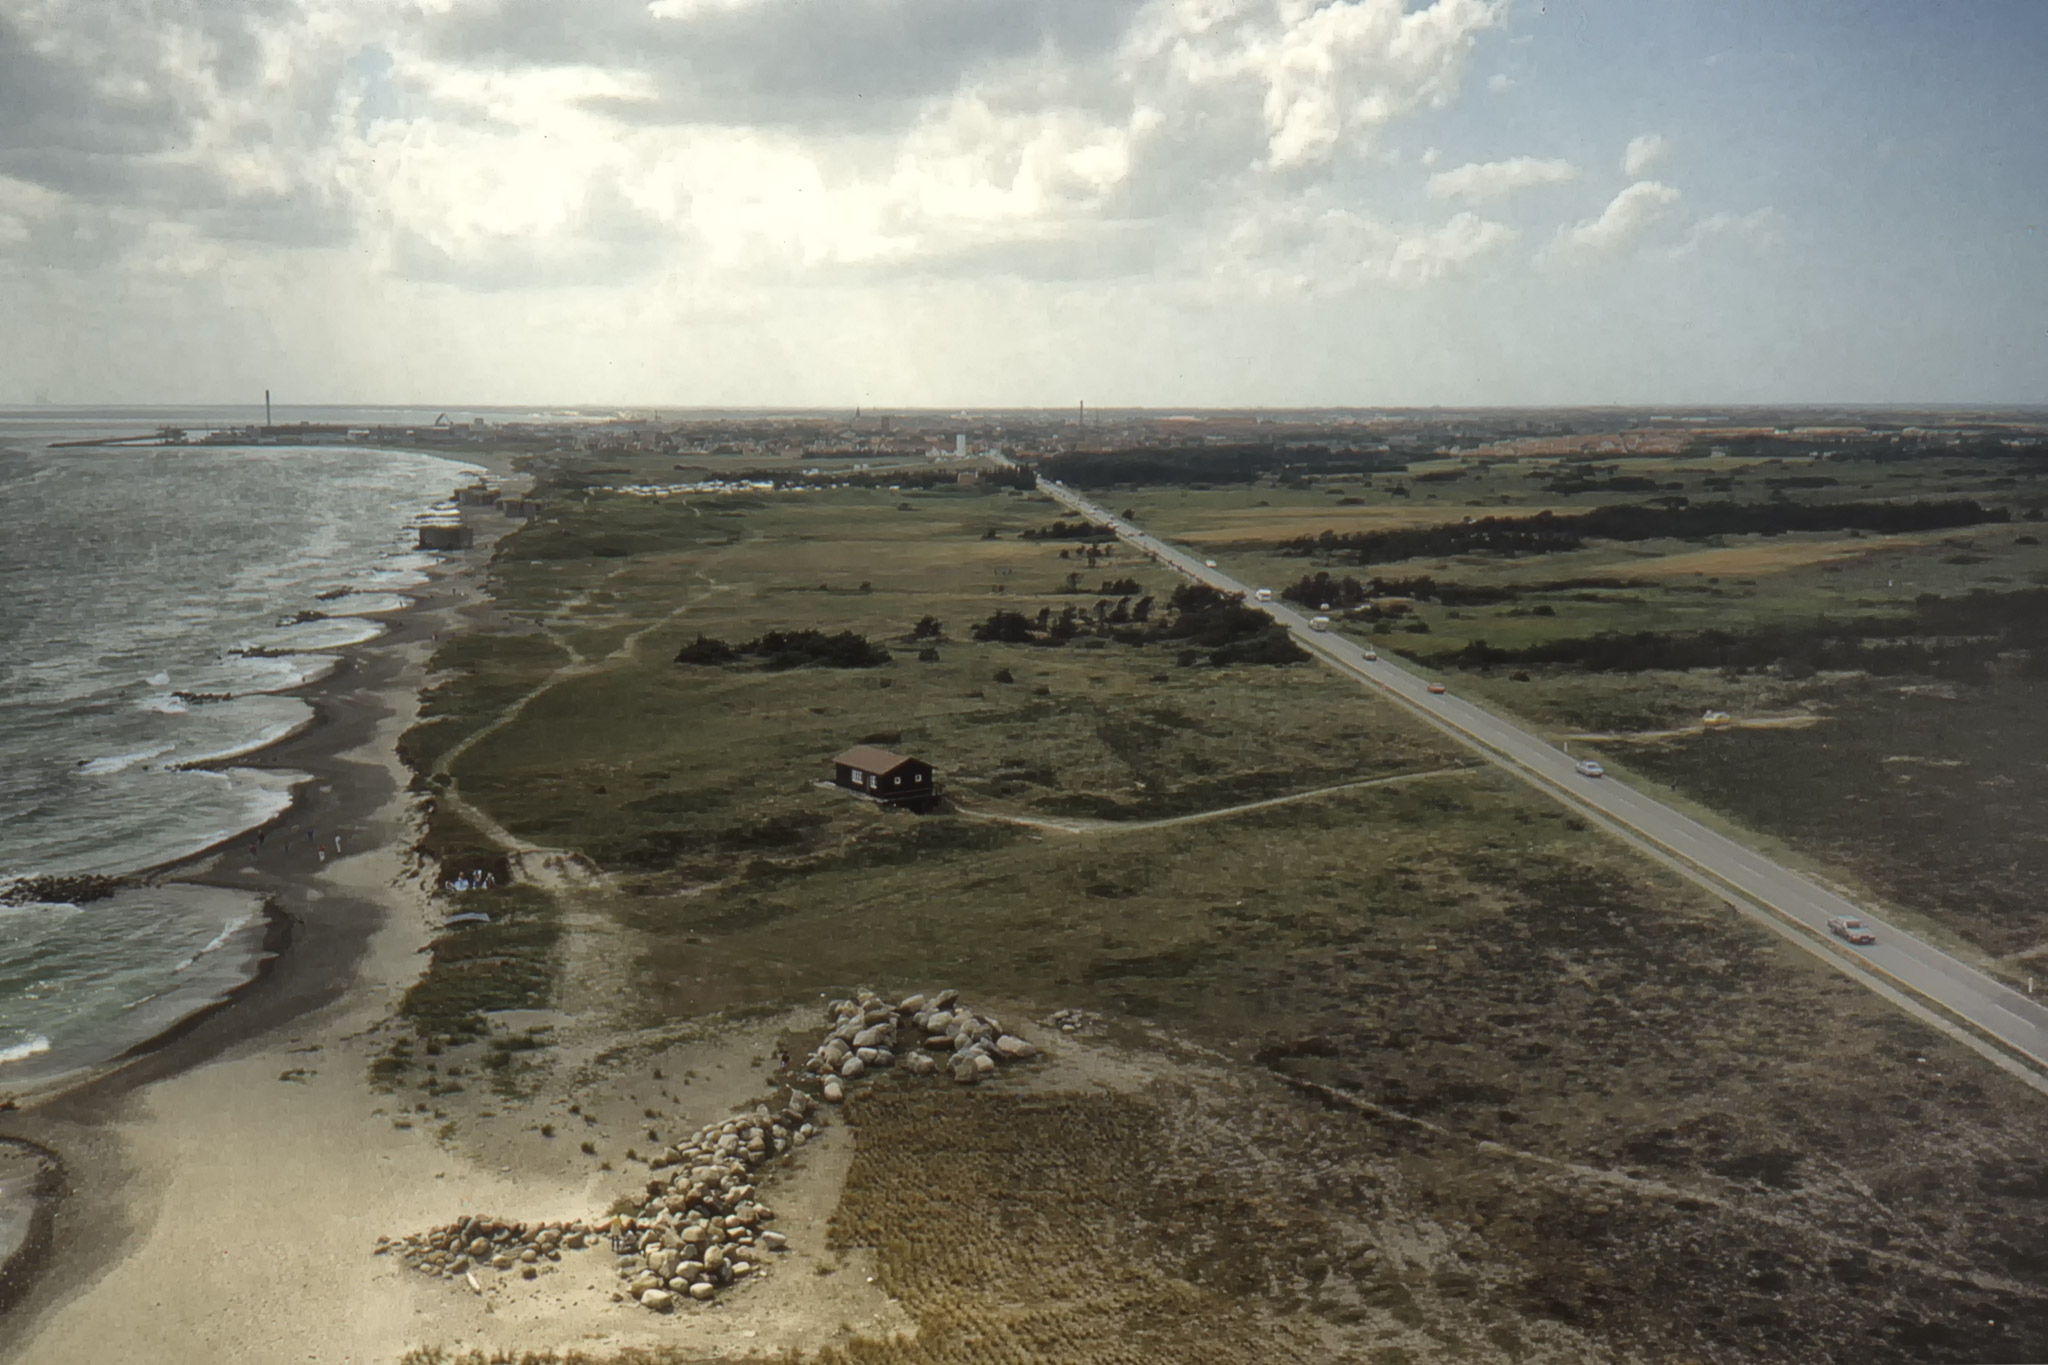 Utsikten från Skagens fyr mot Skagen.